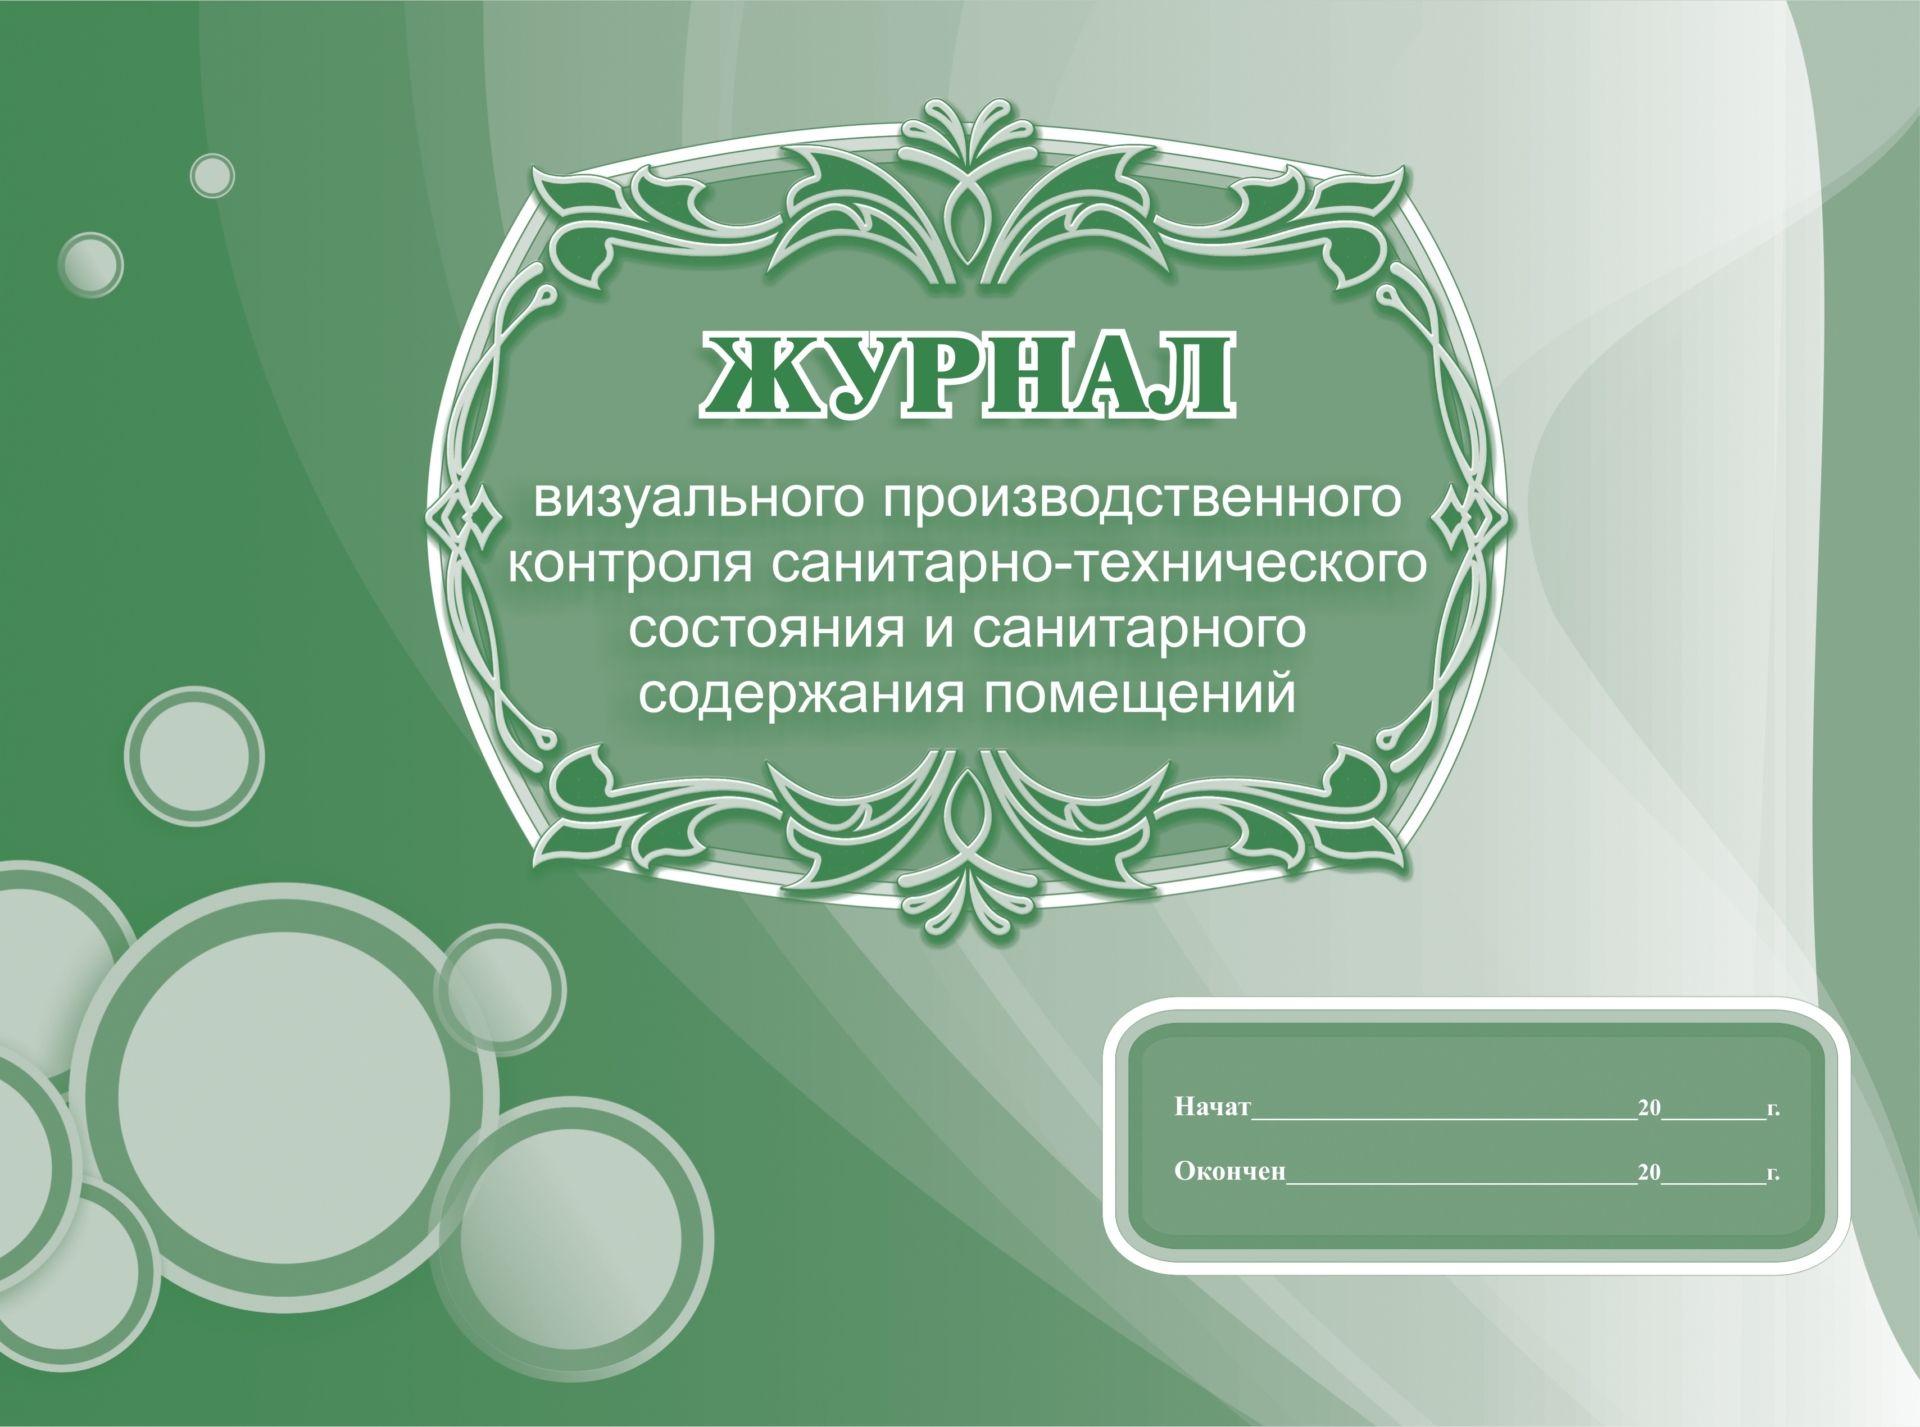 Журнал визуального производственного контроля санитарно-технического состояния и санитарного содержания помещений